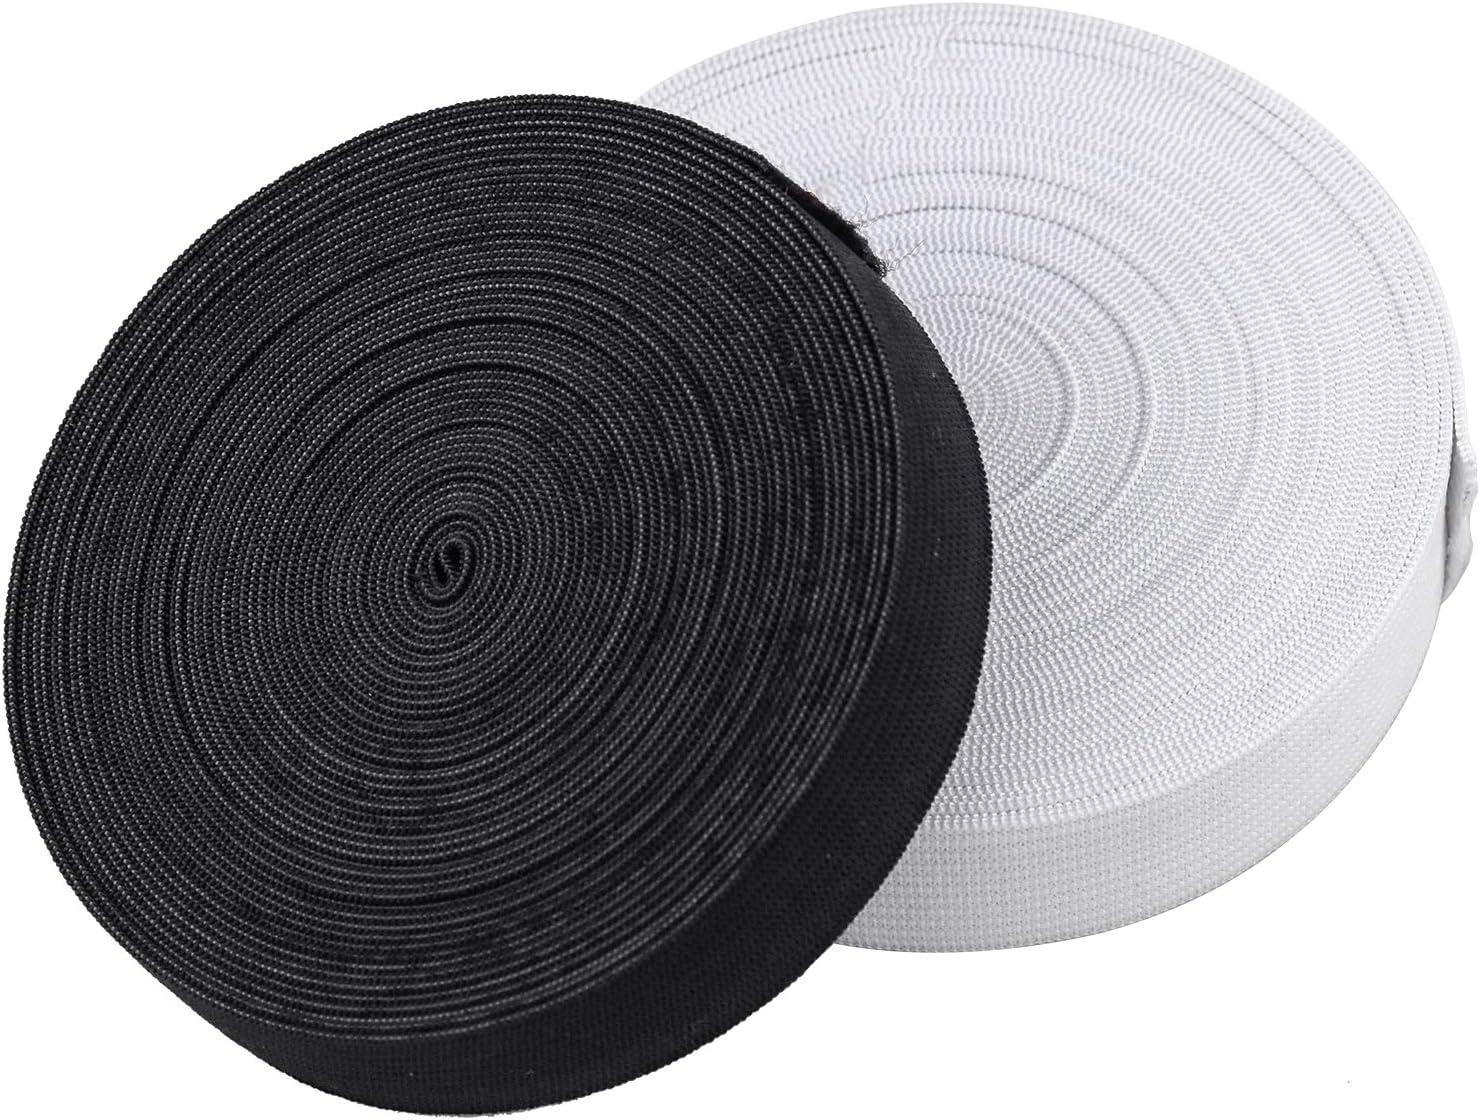 Noir + Blanc Wandefol Lot de 2 Rouleaux Bandes /Élastiques Accessoires Couture pour Artisanat Bricolage 5 m /× 20 mm Sangle /Élastique avec Forte Extensible